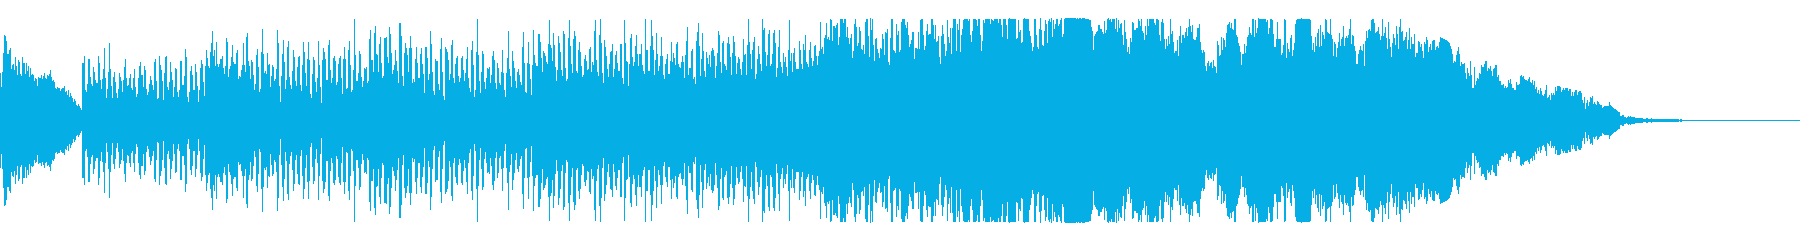 緊張感ある弦のシーケンスとオーケストラの再生済みの波形